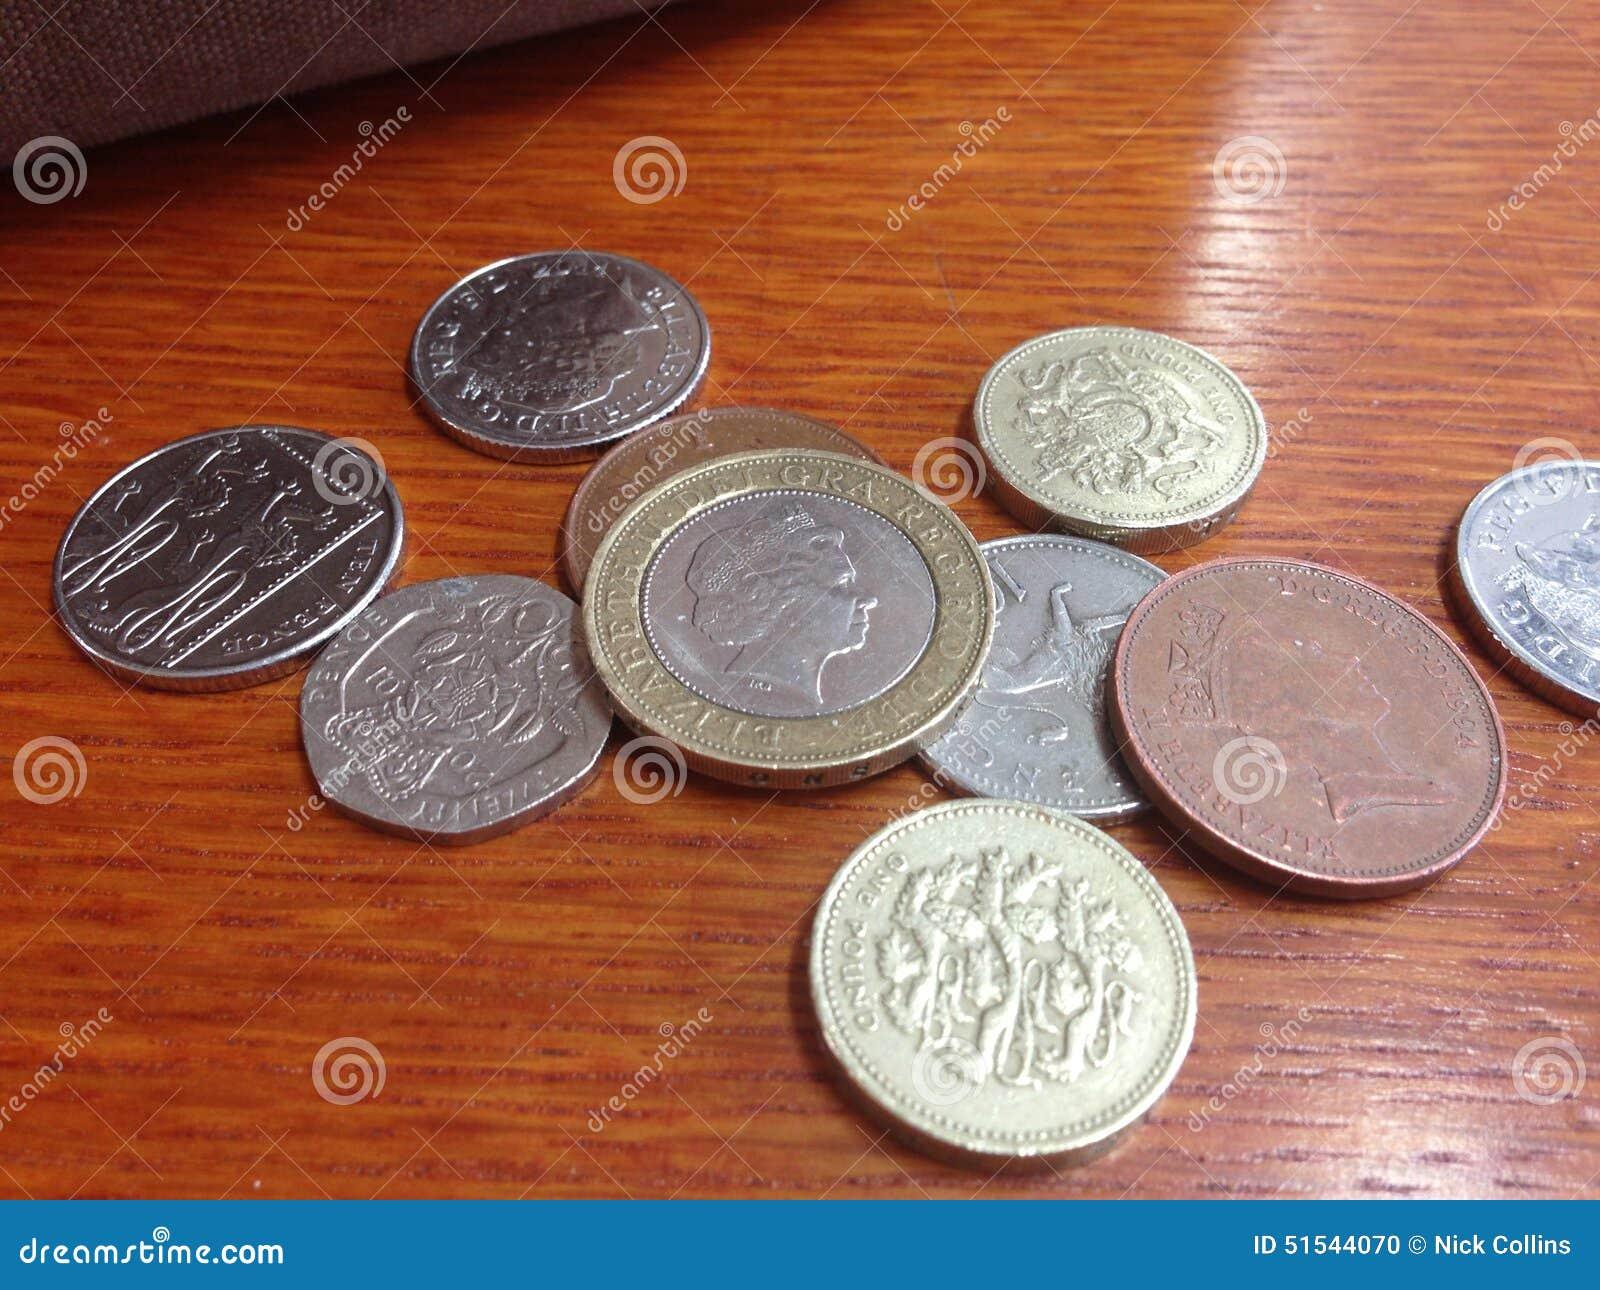 Englisches Geld Britische Münzen Stock Photos 3 Images